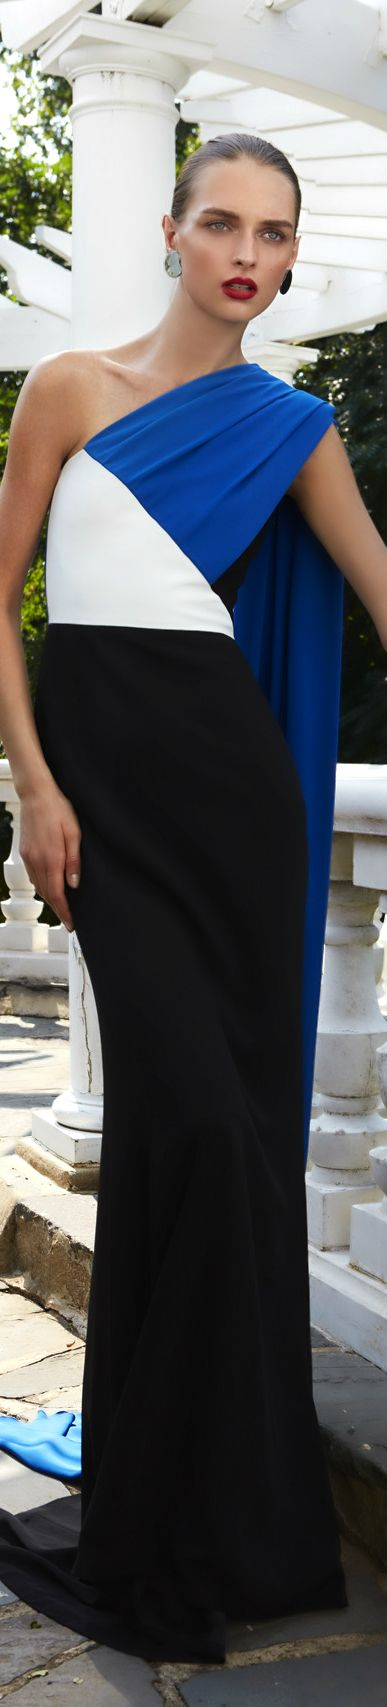 Un vestido elegantísimo de la colección 2017 de Elizabeth Kennedy.